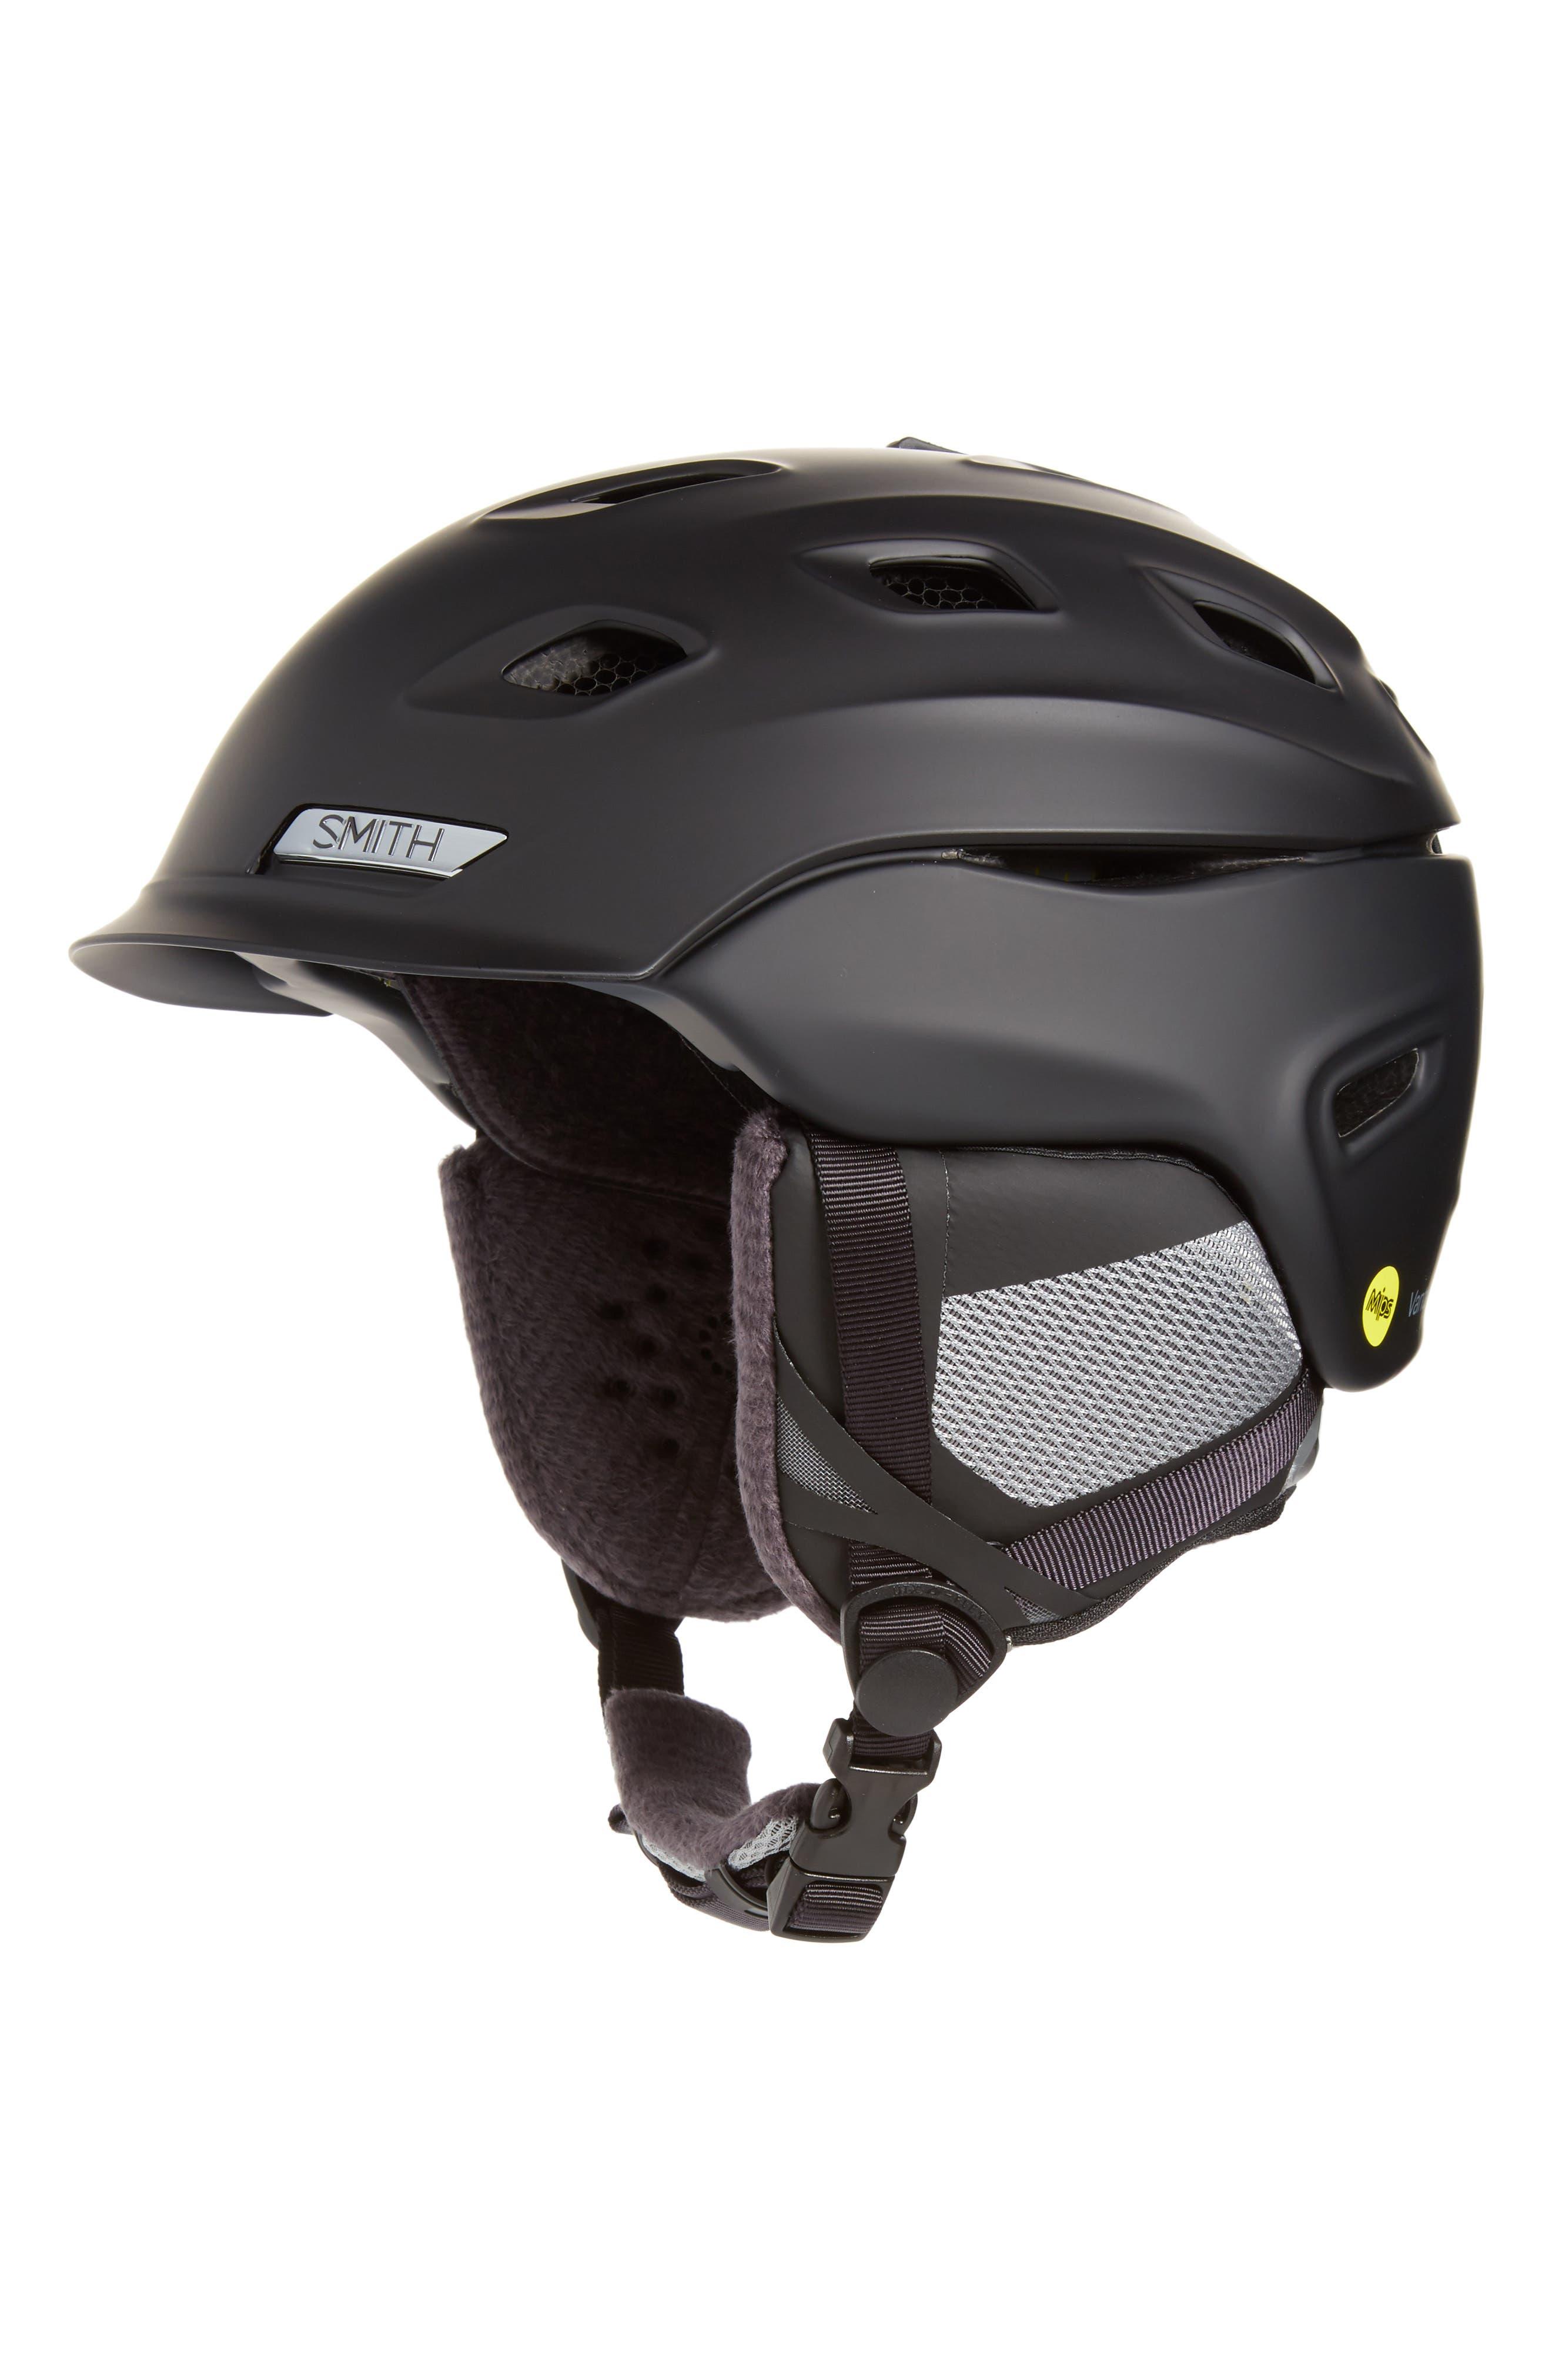 Vantage Snow Helmet With Mips - Black in Matte Petrol